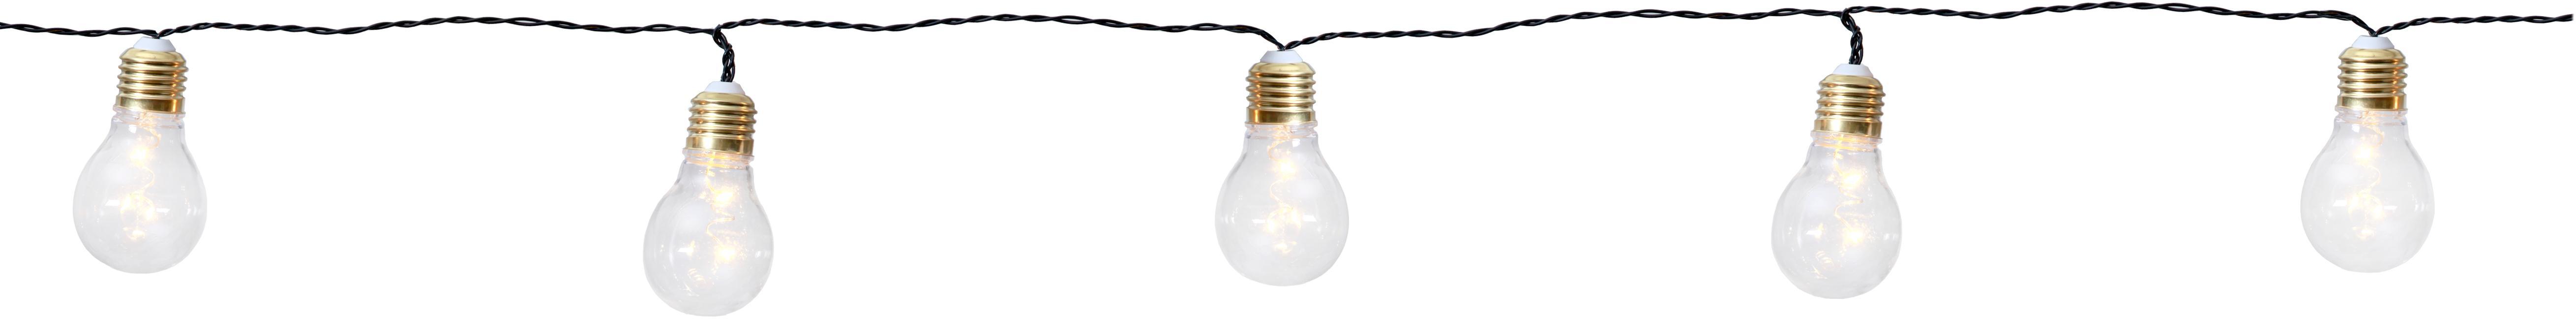 Guirlande lumineuse LED Bulb, 100cm, Ampoules: transparent, couleur dorée<br>Câble: noir